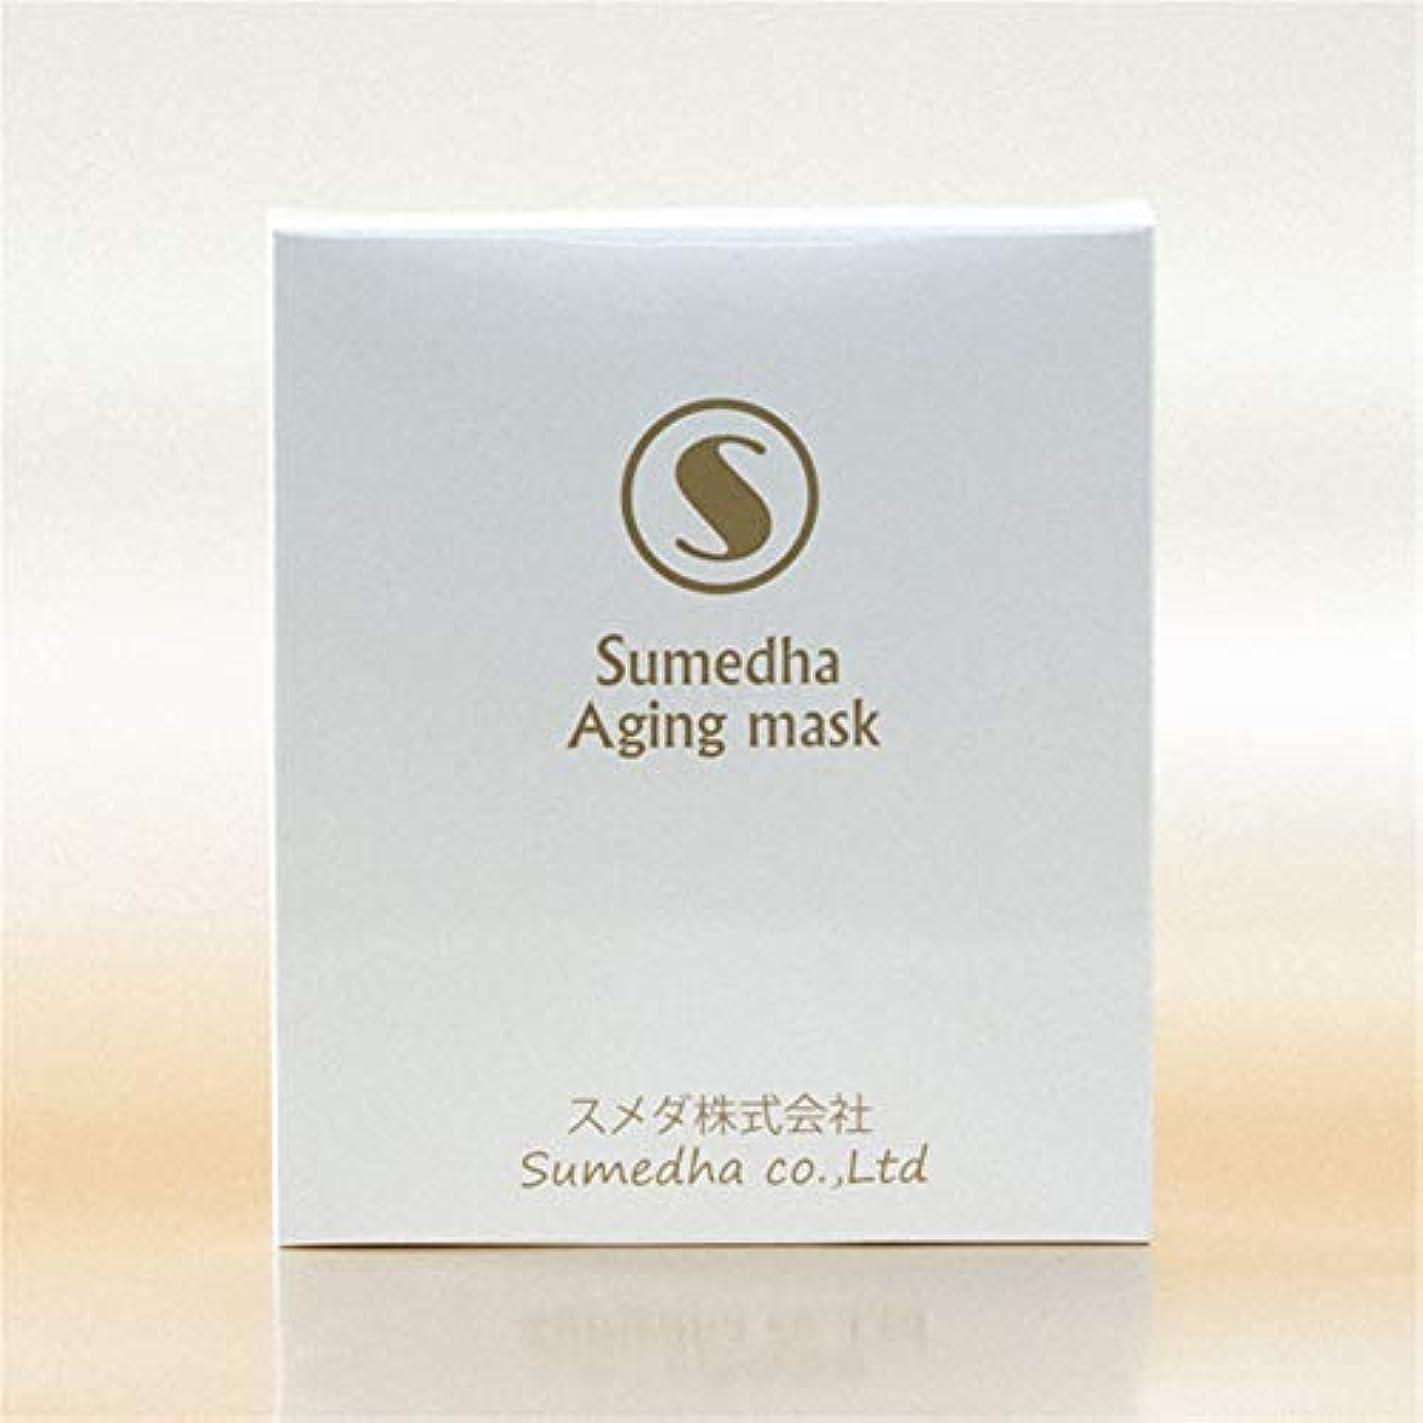 力日焼けライブフェイスマスク Sumedha パック 保湿マスク 日本製 マスク フェイスパック 3枚入り 美白 美容 アンチセンシティブ 角質層修復 保湿 補水 敏感肌 発赤 アレルギー緩和 コーセー (a)